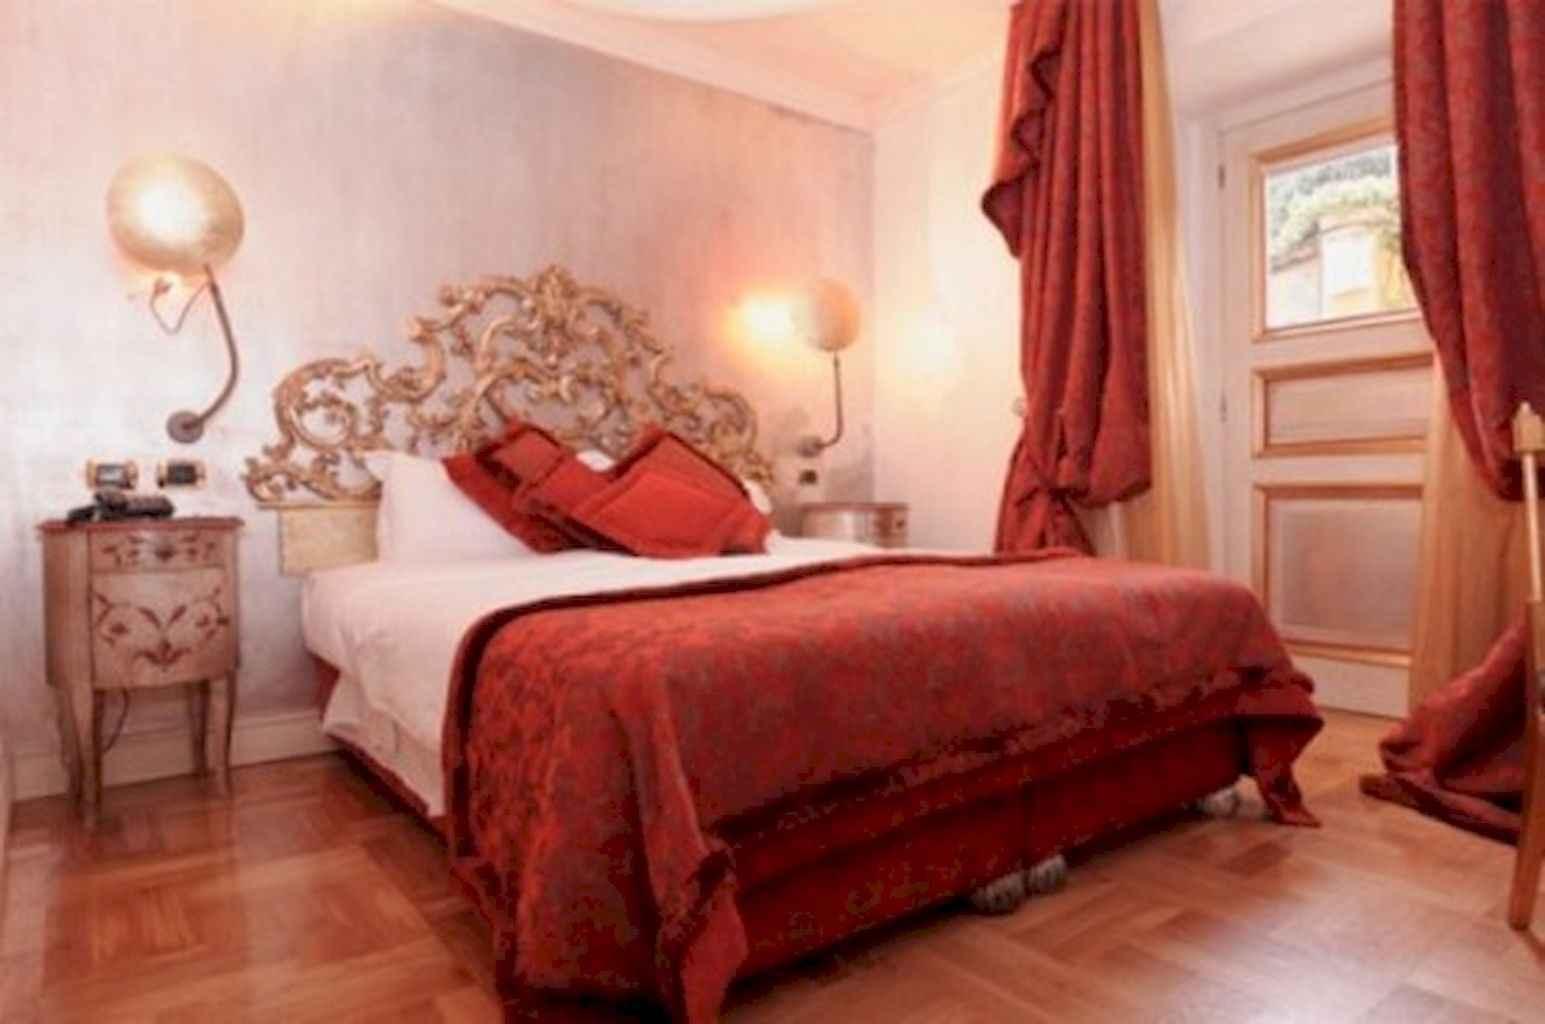 50 Romantic Valentine Bedroom Decor Ideas (49)